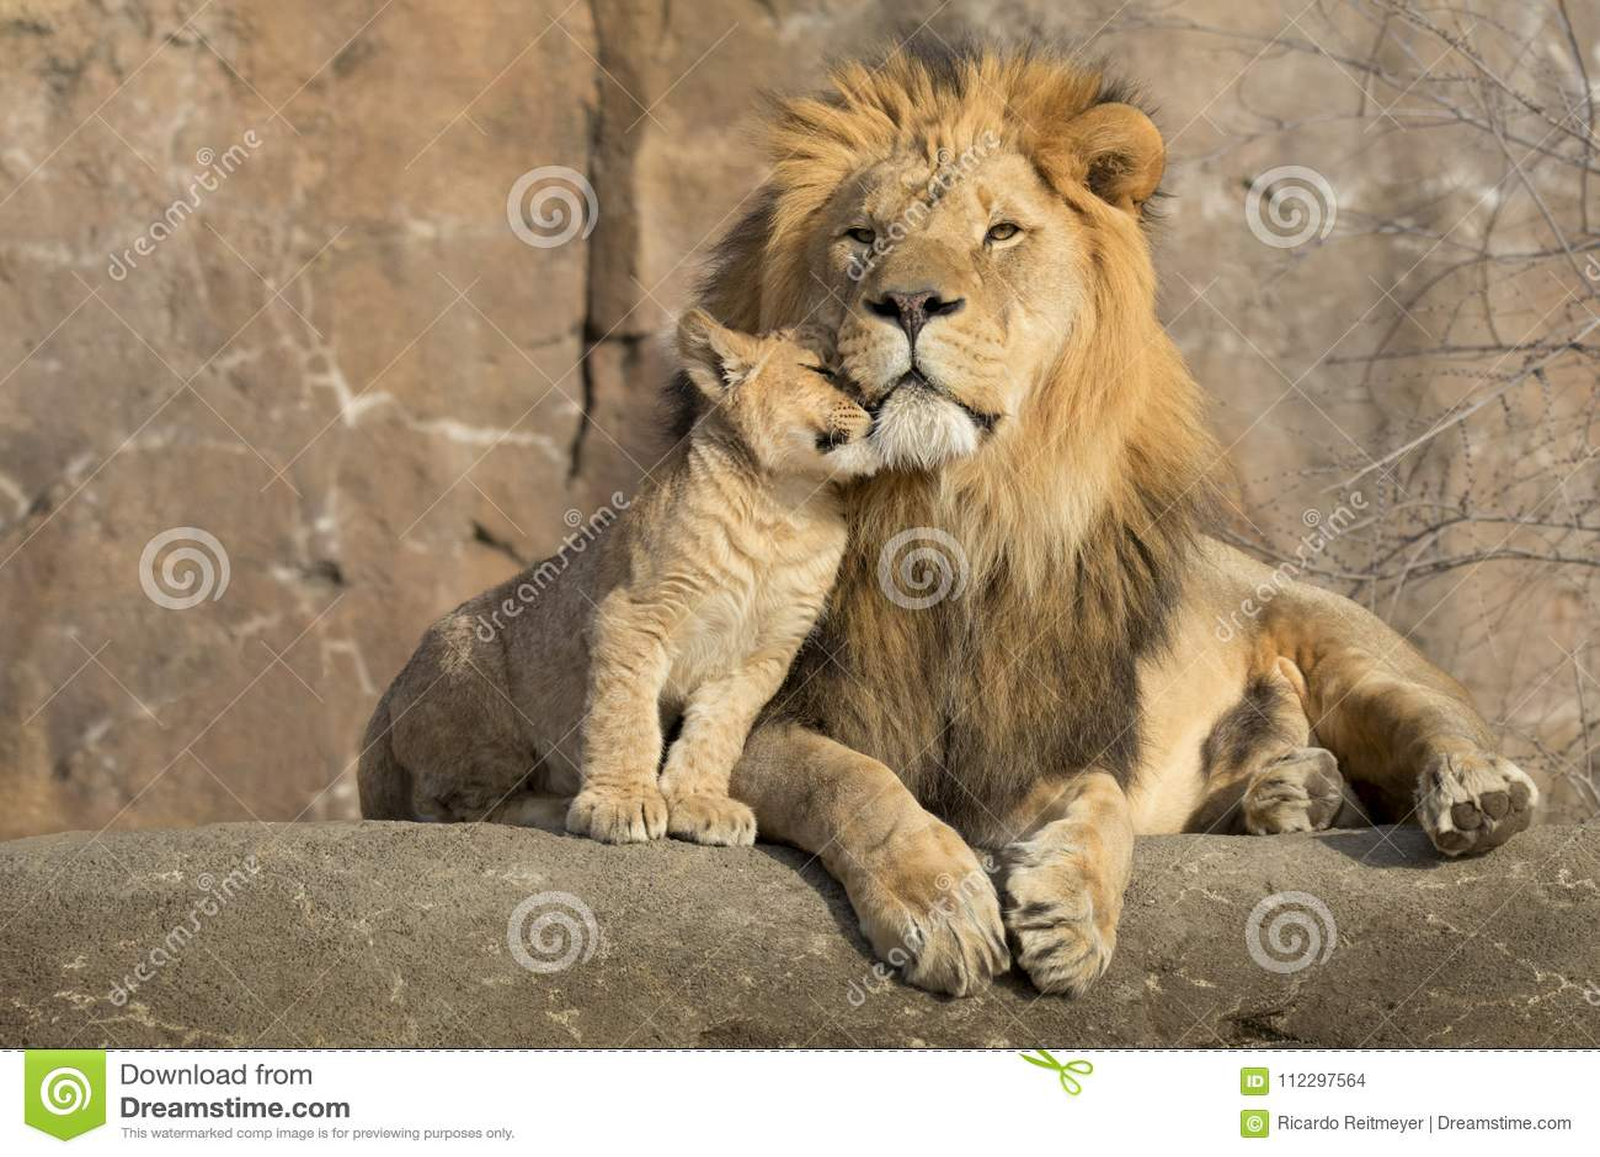 El león africano masculino es abrazado por su cachorro durante un momento cariñoso